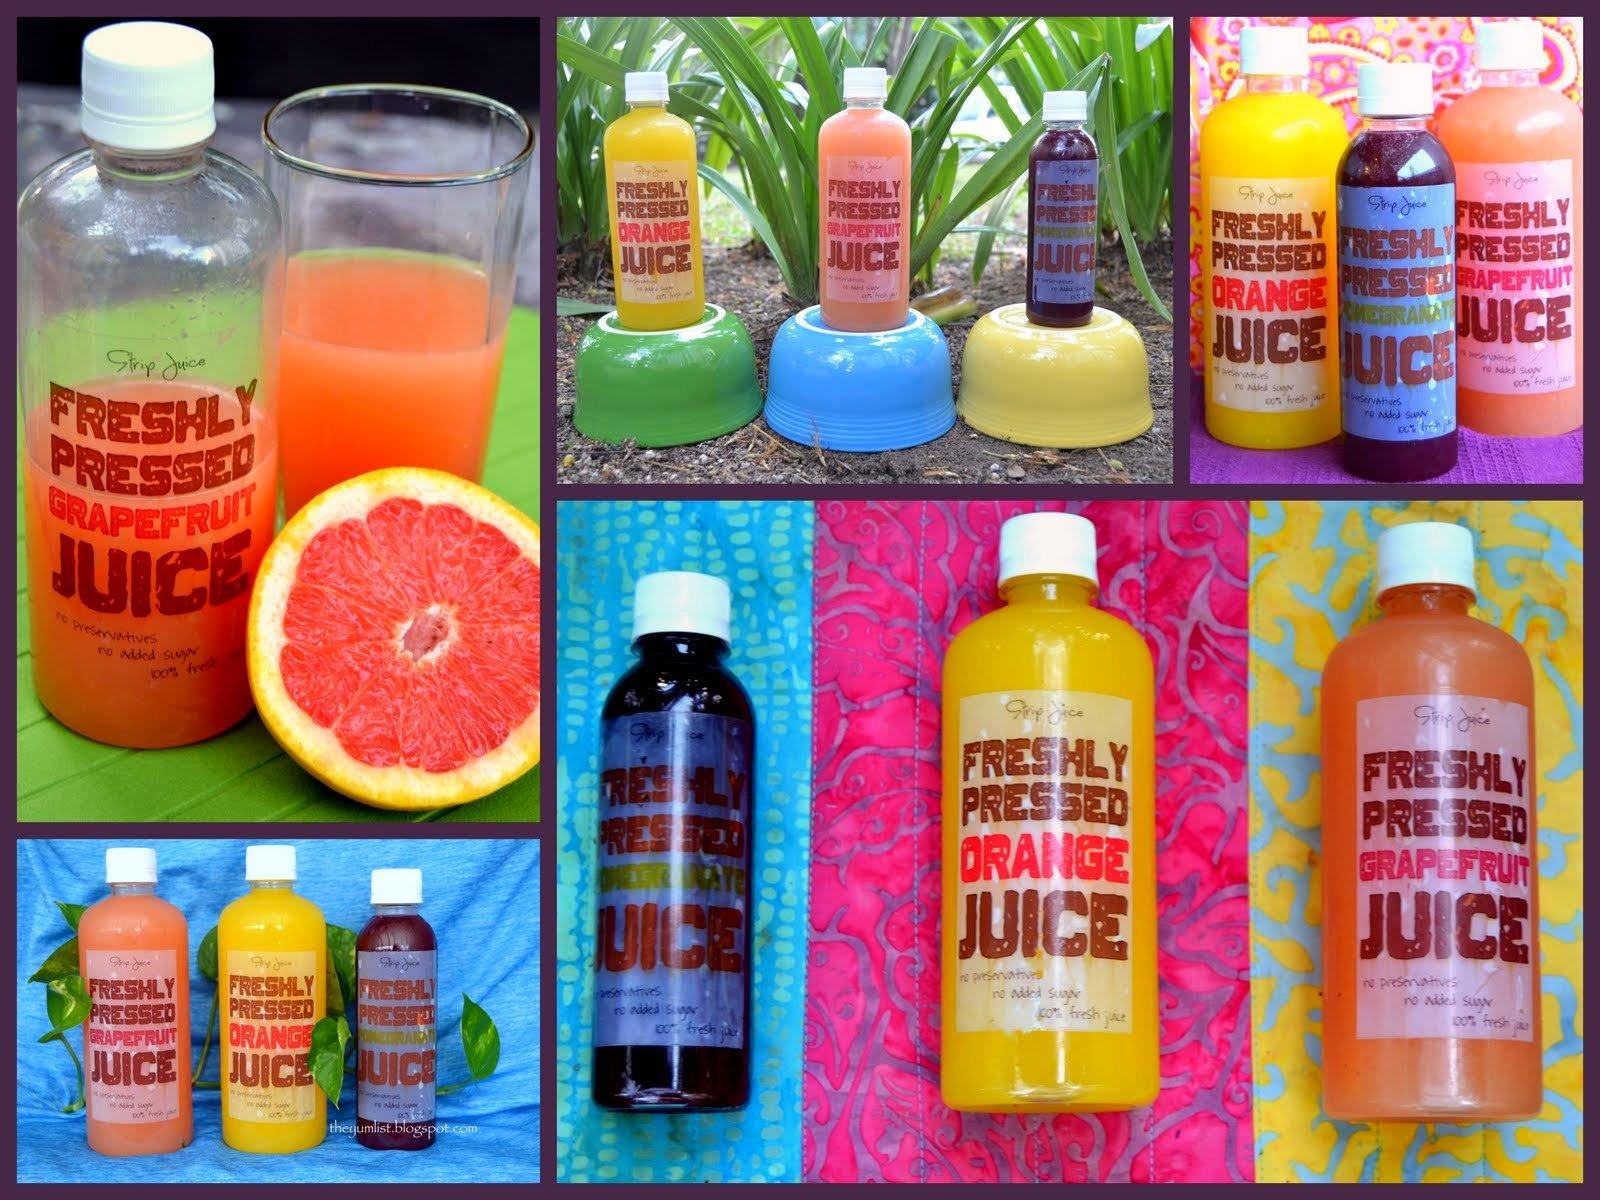 Strip Juice – Freshly Pressed Juice Delivery